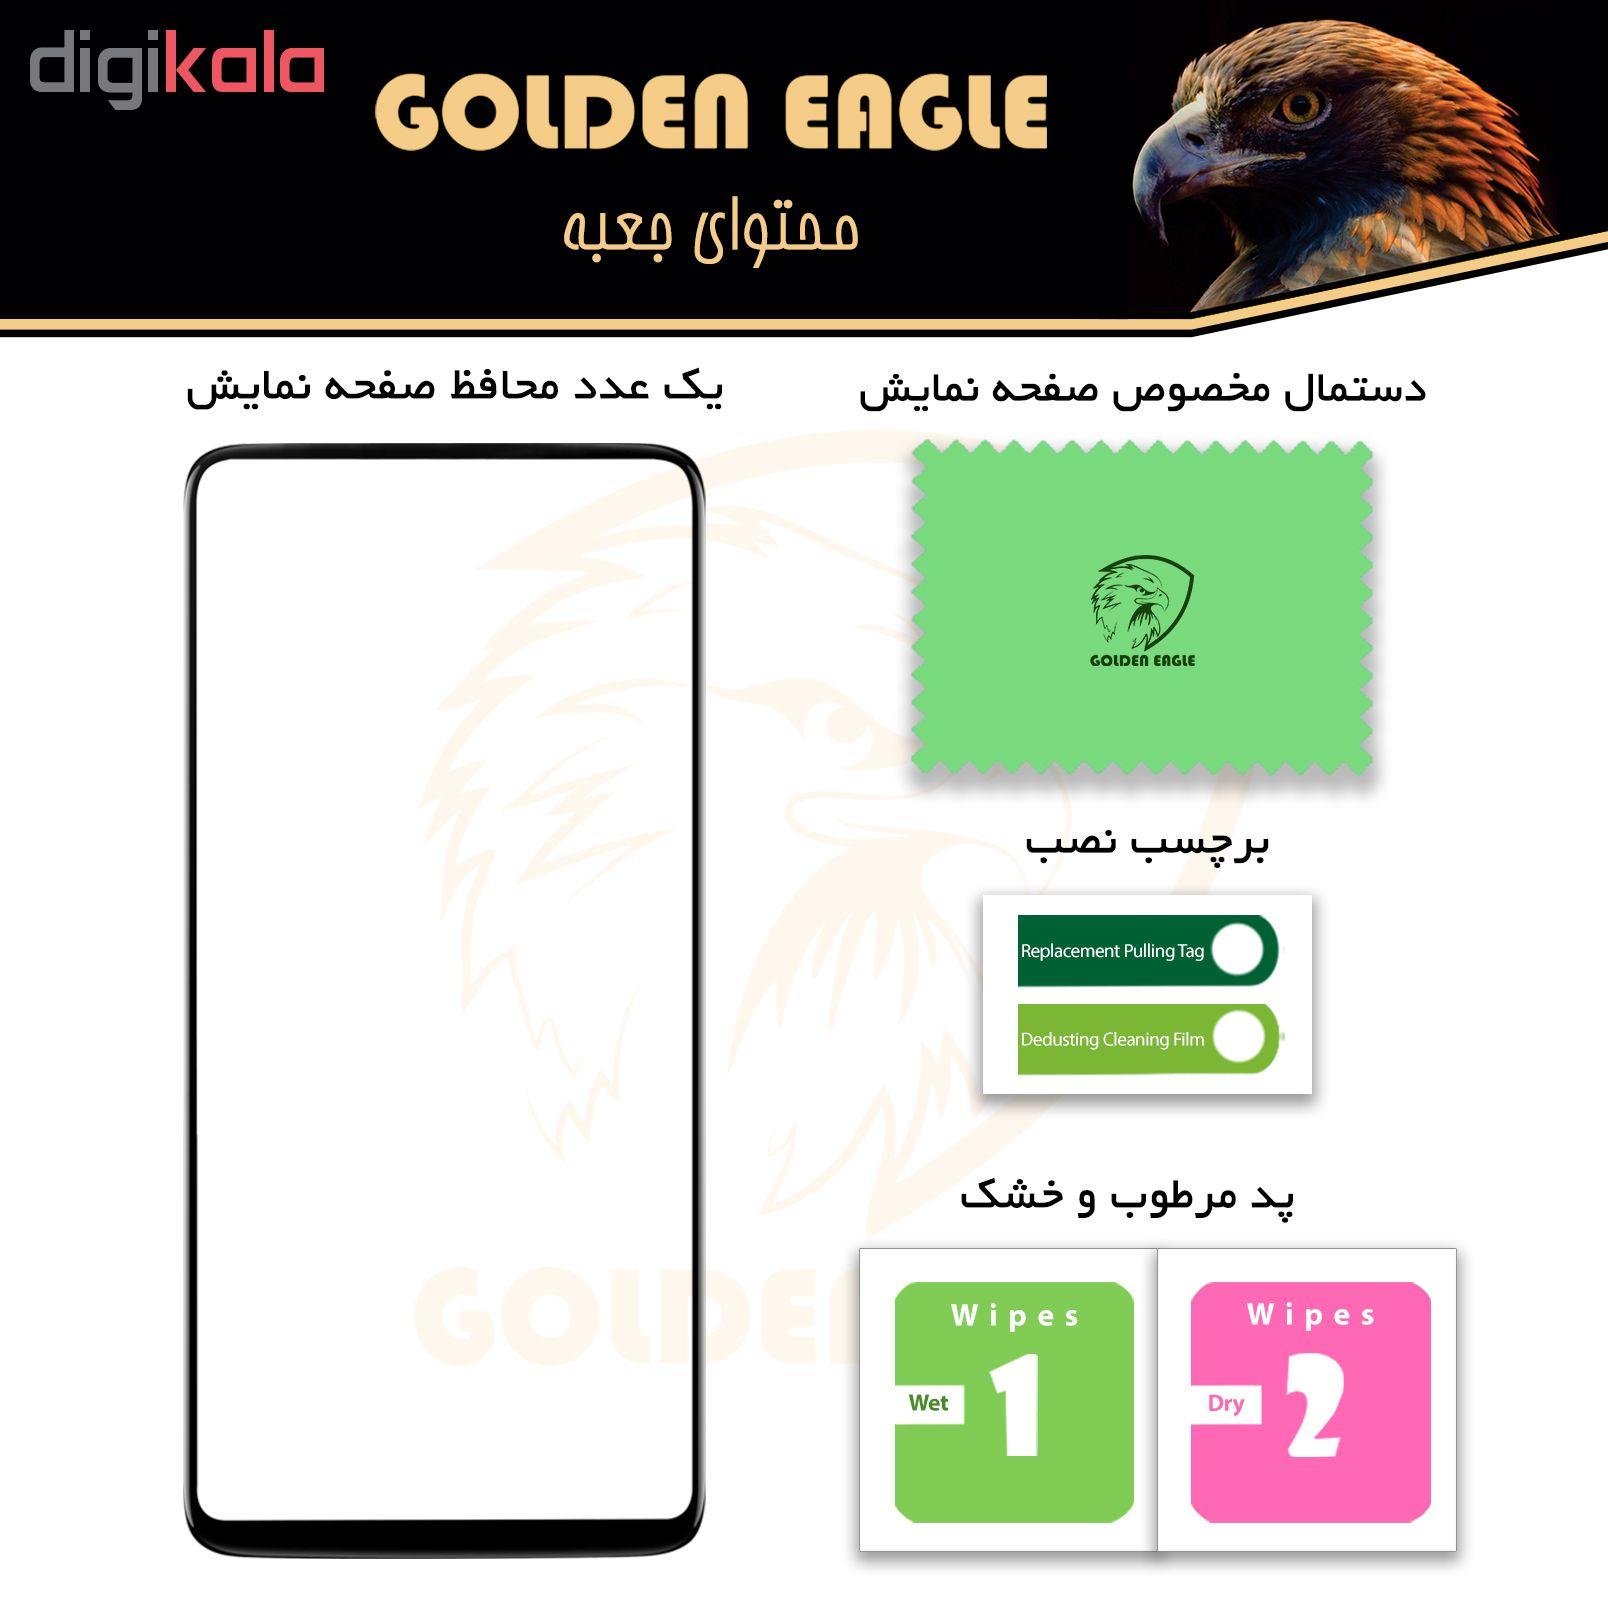 محافظ صفحه نمایش گلدن ایگل مدل GLC-X1 مناسب برای گوشی موبایل سامسونگ Galaxy A50s main 1 2